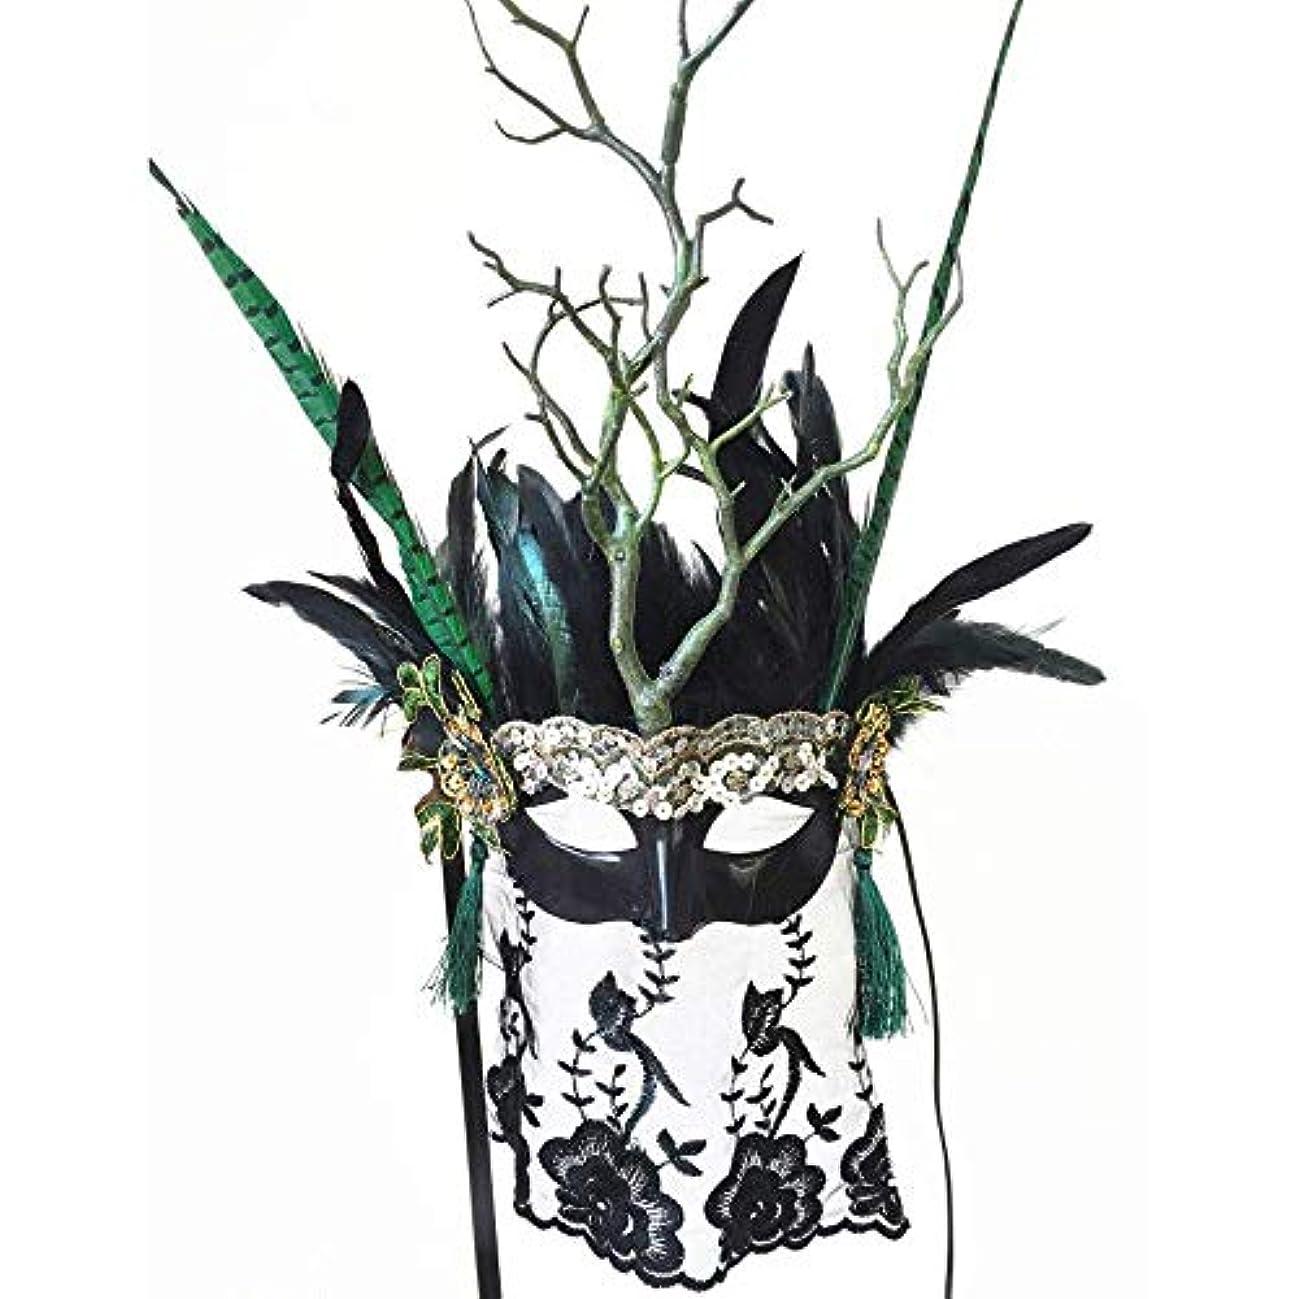 装備する素晴らしい良い多くのゆるくNanle ハロウィーンクリスマスドライブランチレースフェザースパンコールタッセルベールマスク仮装マスクレディミスプリンセス美しさの祭りパーティー装飾マスク (色 : Style A)